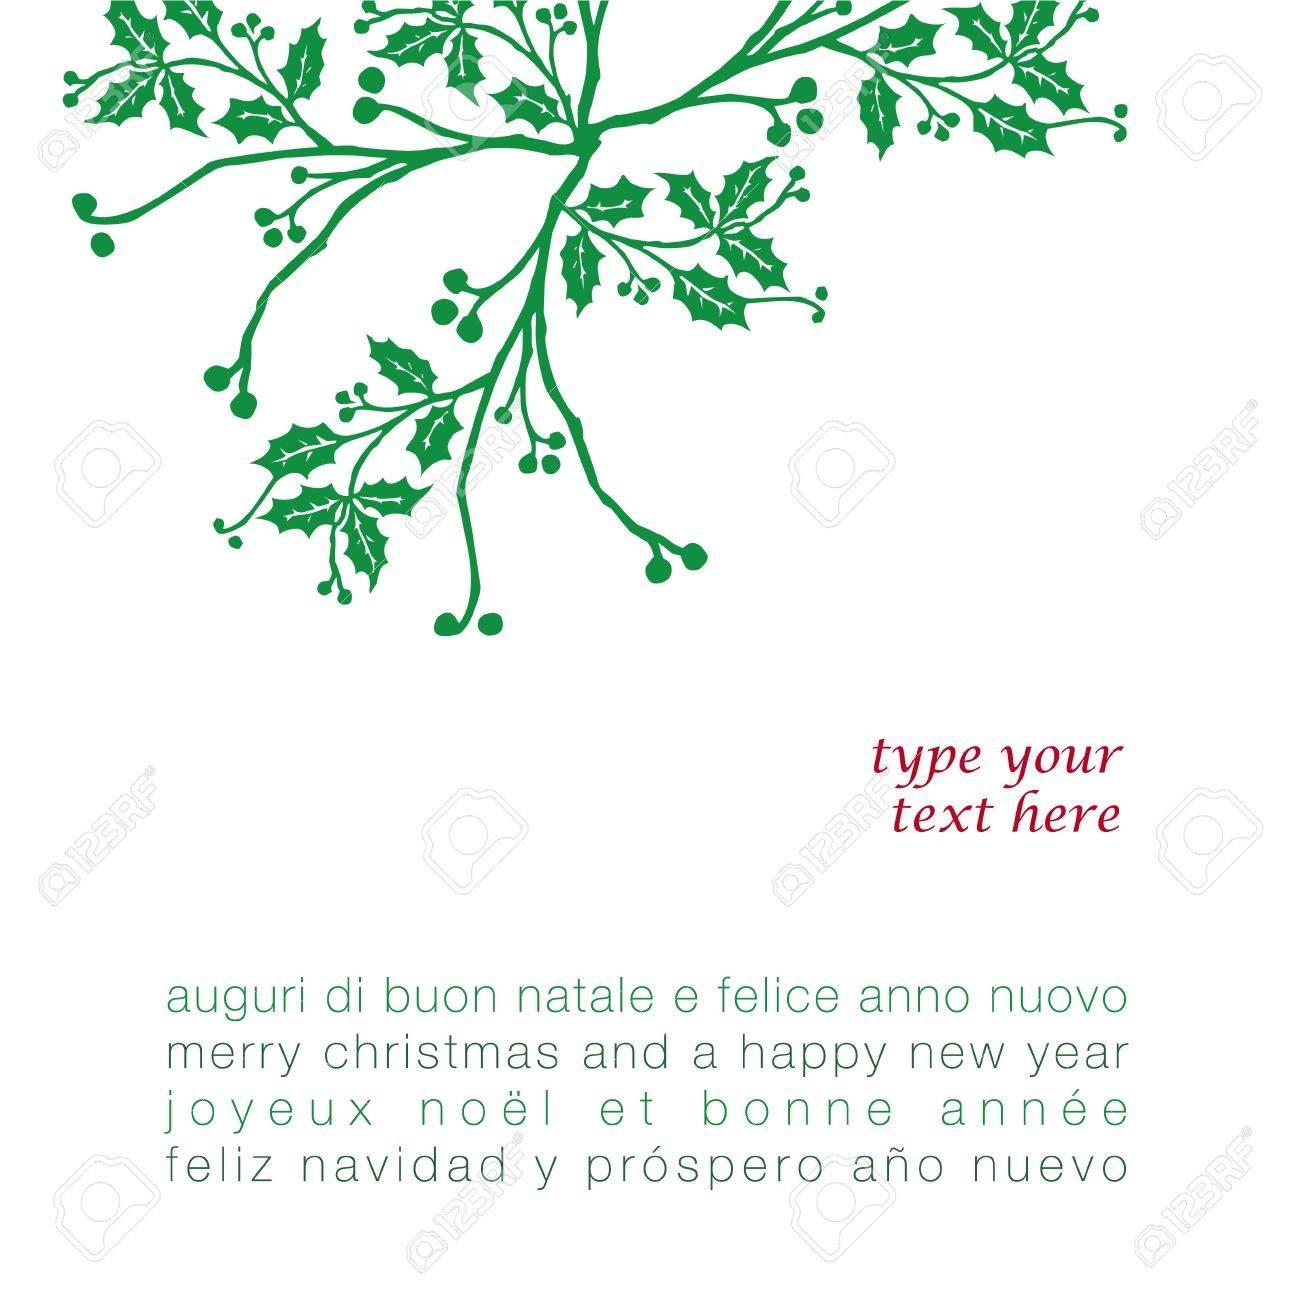 Weihnachtsgrüße In Verschiedenen Sprachen.Weihnachtsgrüße Mit Mistel In Verschiedenen Sprachen